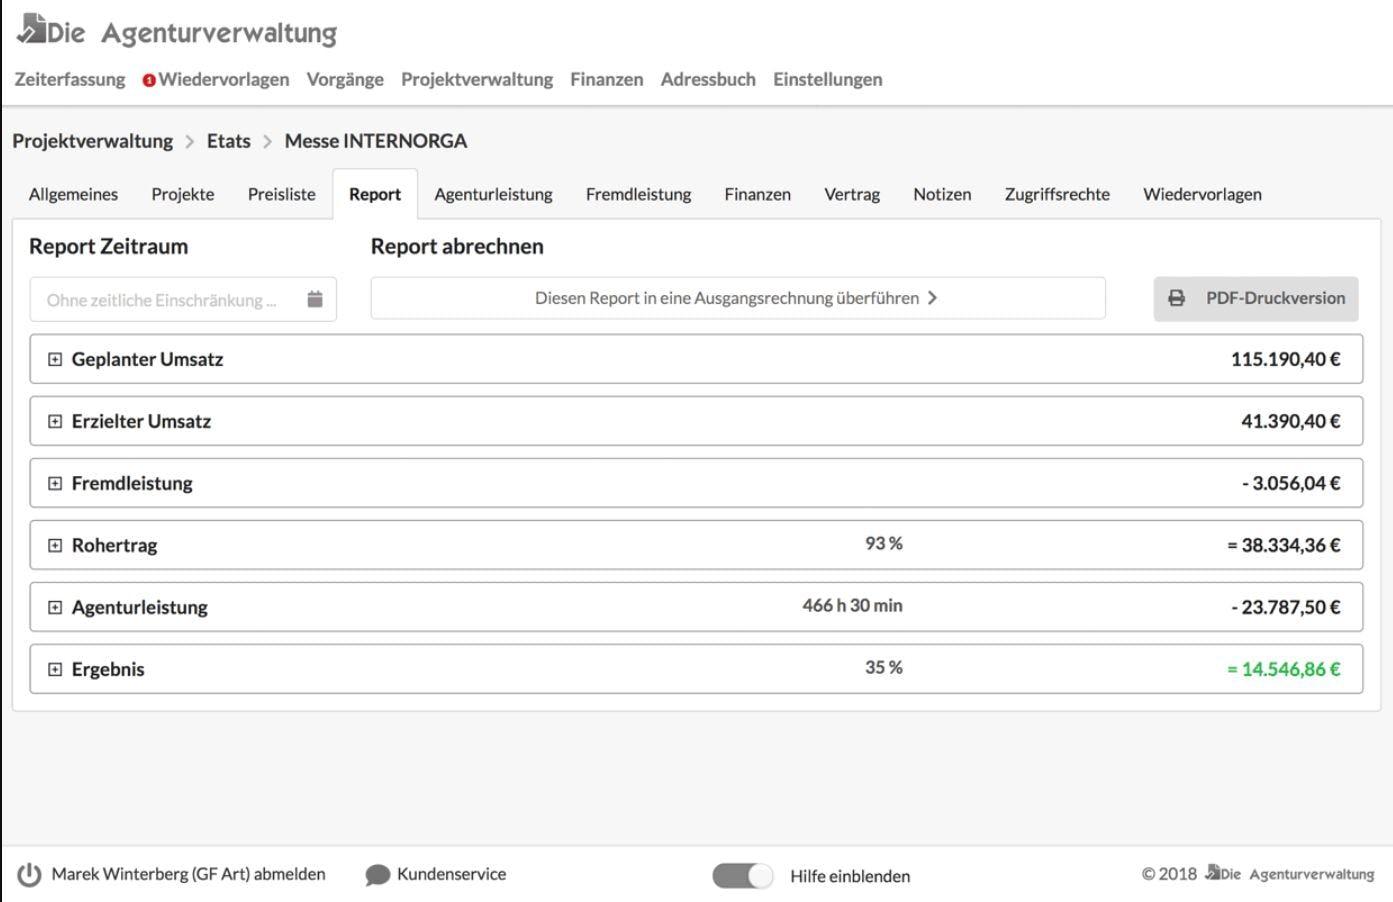 Die Agenturverwaltung Software - 1